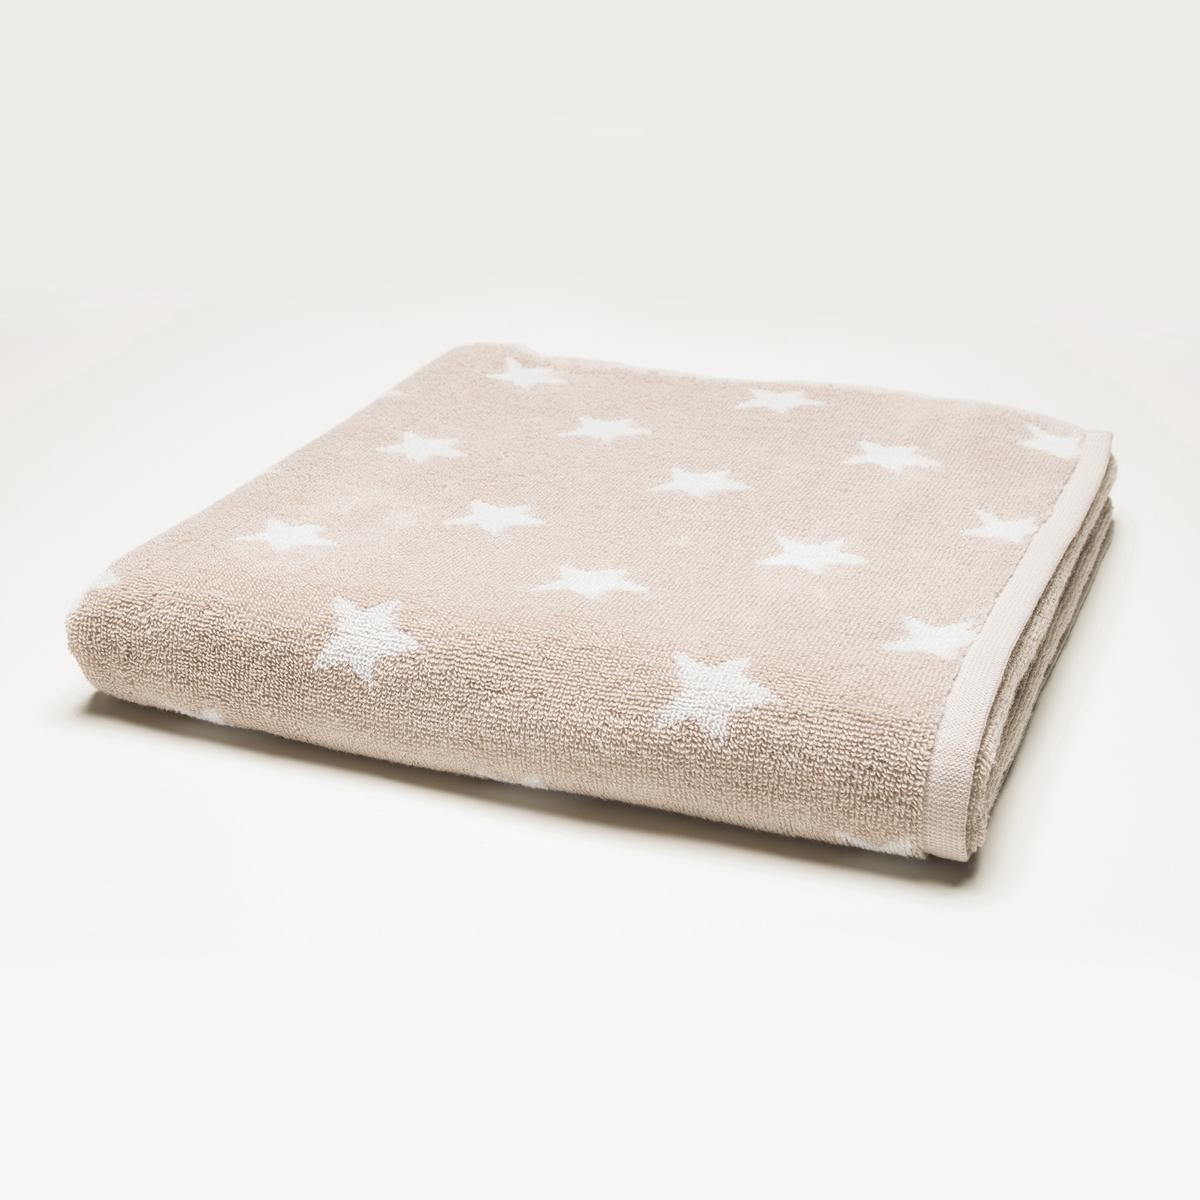 Полотенце Stars 100% хлопка .Полотенце Stars 100% хлопка, высокого качества для абсолютного комфорта  .Описание полотенца Stars :Рисунок : звездыХарактеристики полотенца Stars :Материал : 100% хлопкового жаккарда 450 г/м? Уход : машинная стирка при 60°CРазмеры полотенца Stars  :50 x 100 см<br><br>Цвет: серо-бежевый/белый